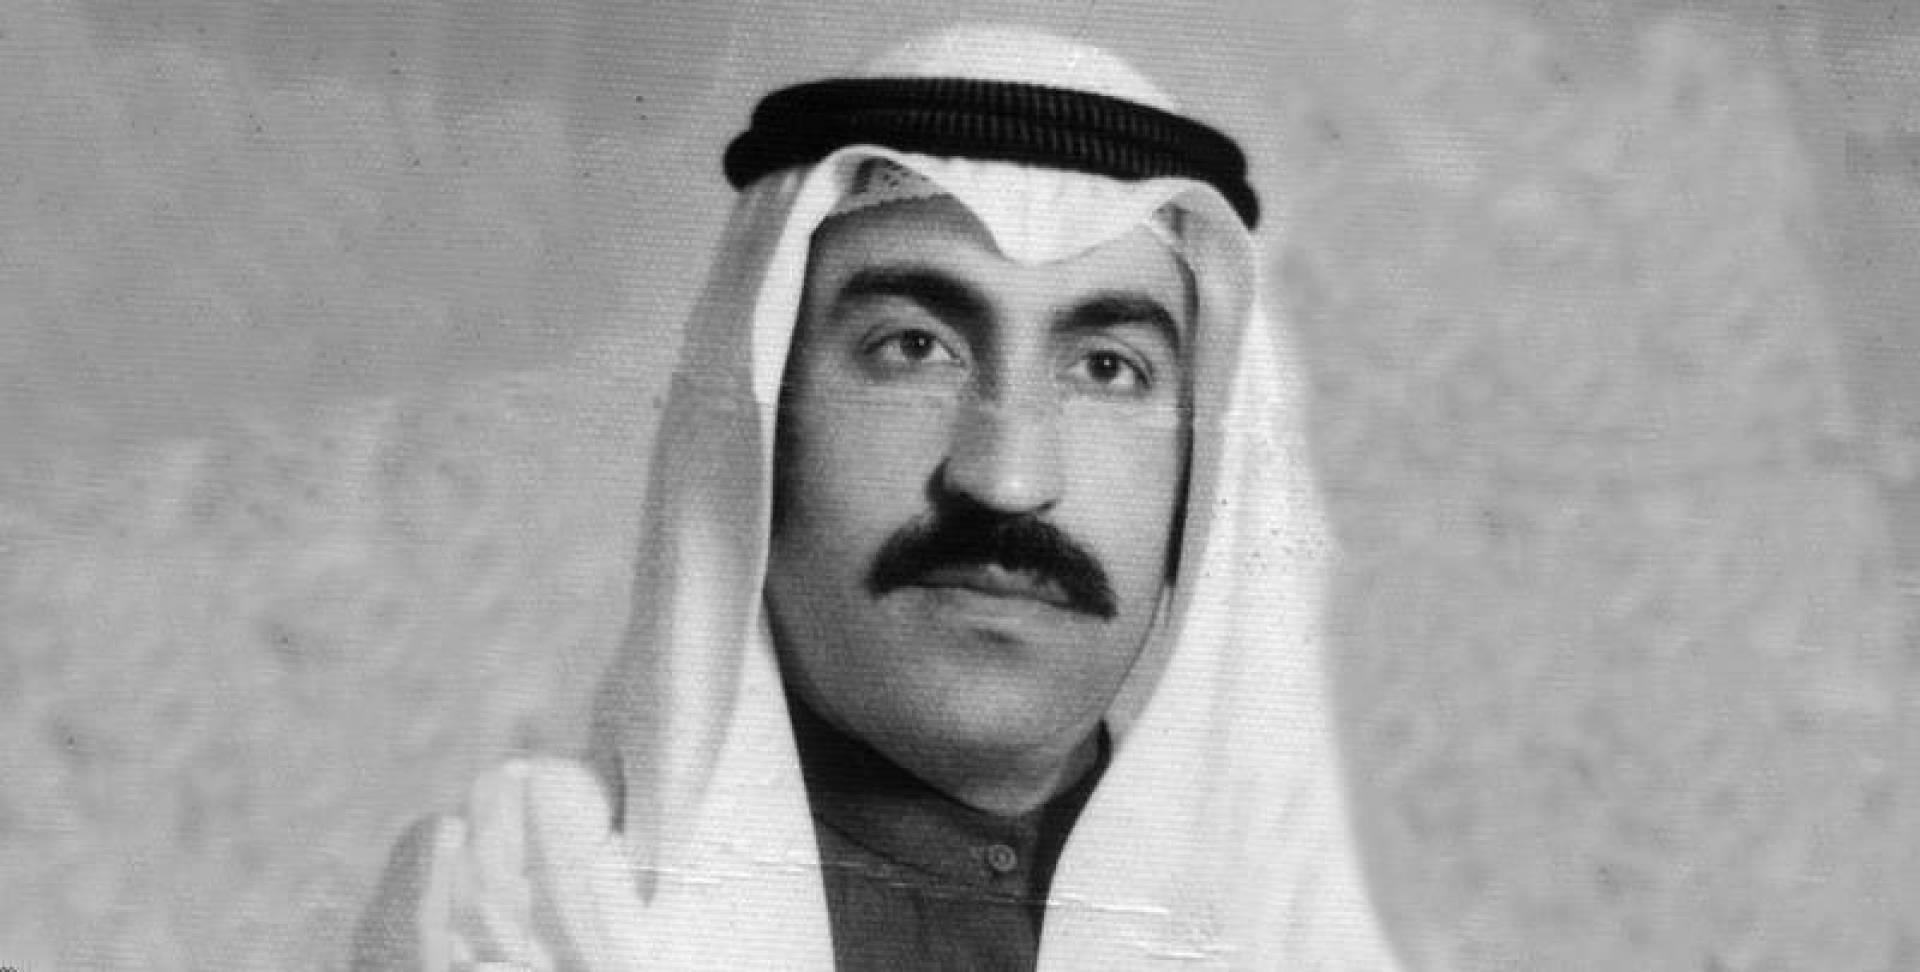 الدكتور عبدالله مهنا سالم غانم